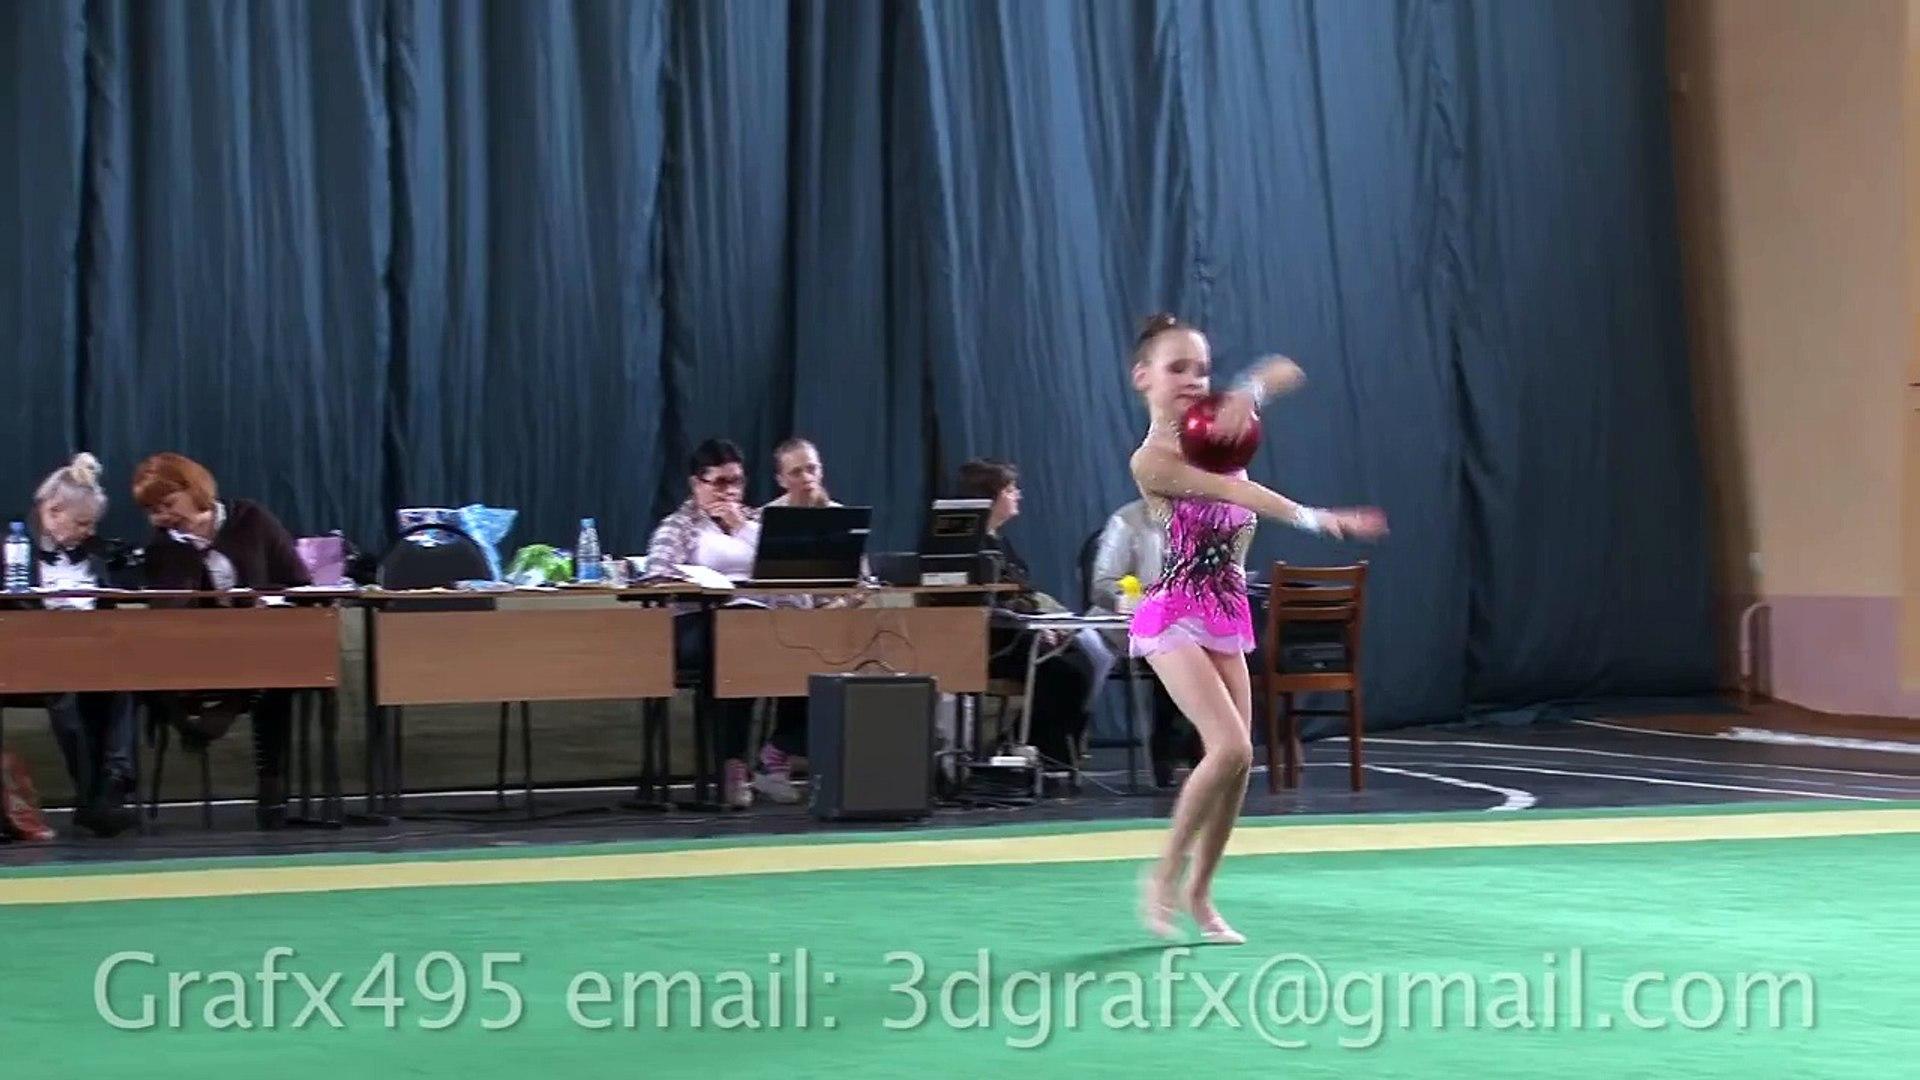 Семина Екатерина - Н. Новгород